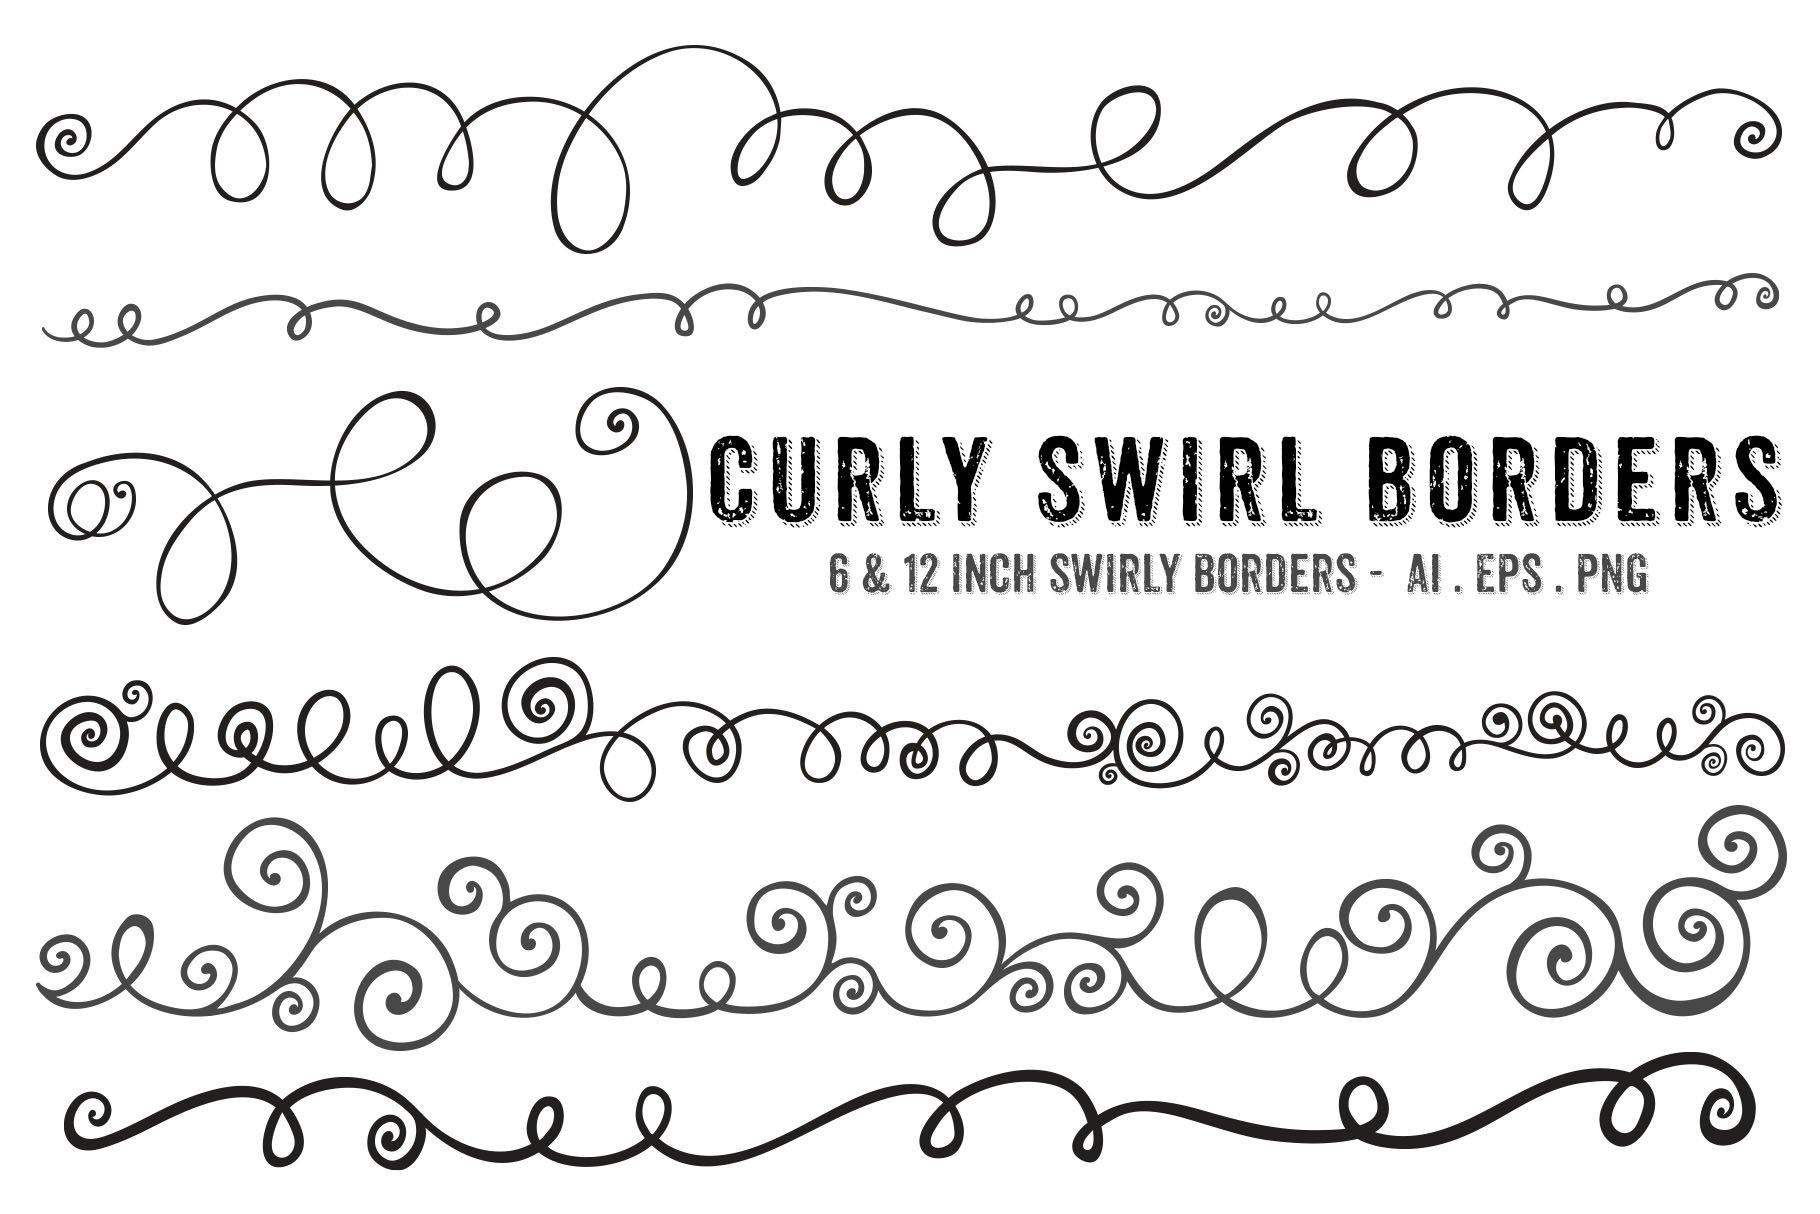 swirl borders png brushes brushes creative market pro